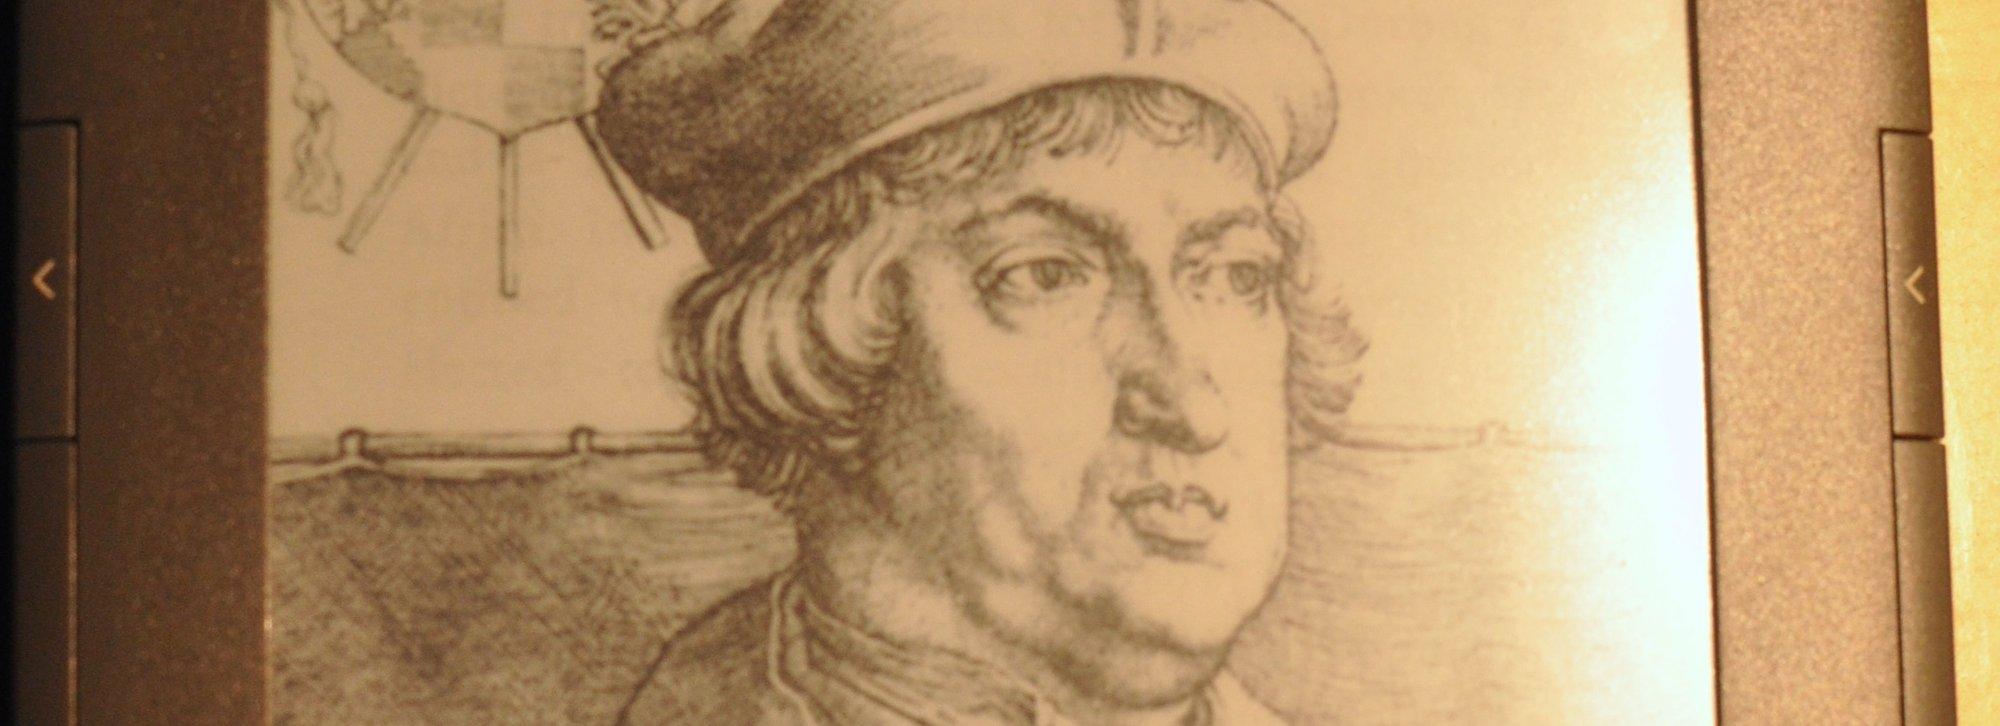 Skjermsparerbildene av klassiske forfattere (her Albertus Magus, 1206-1280) blir nå erstattet av Visa og Buick.